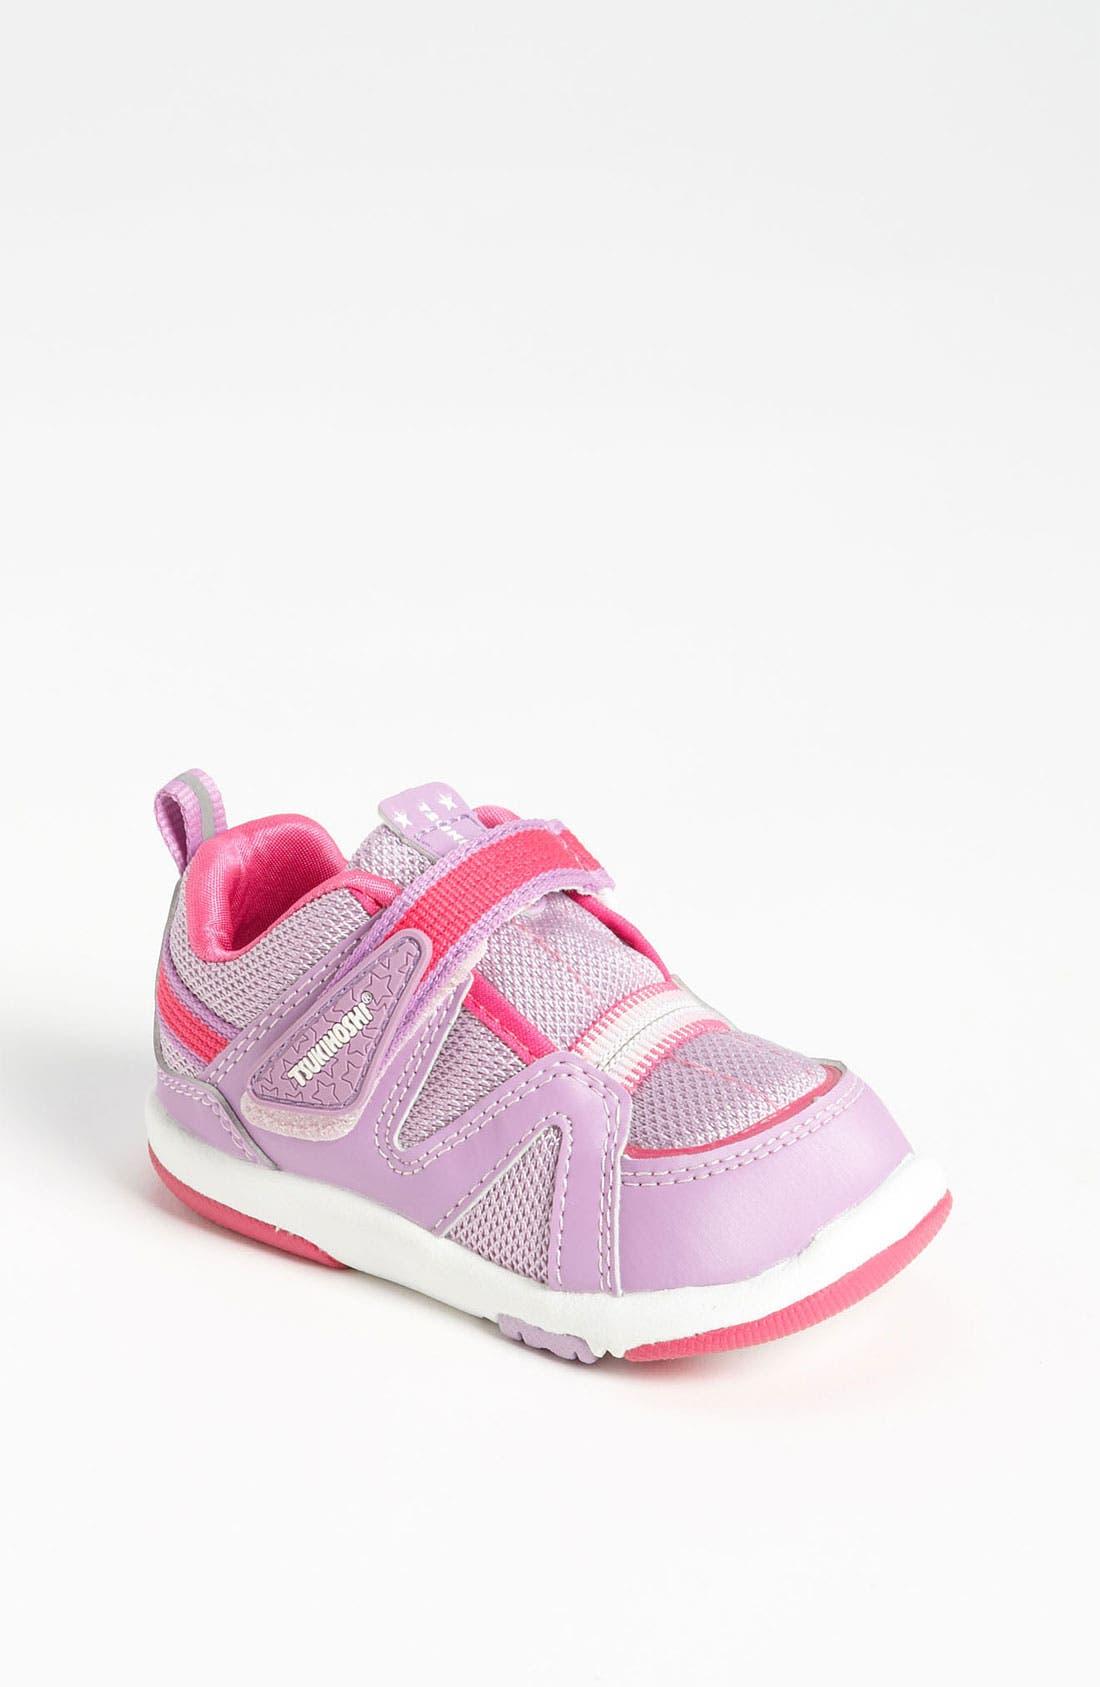 Alternate Image 1 Selected - Tsukihoshi 'Baby 03' Sneaker (Walker)